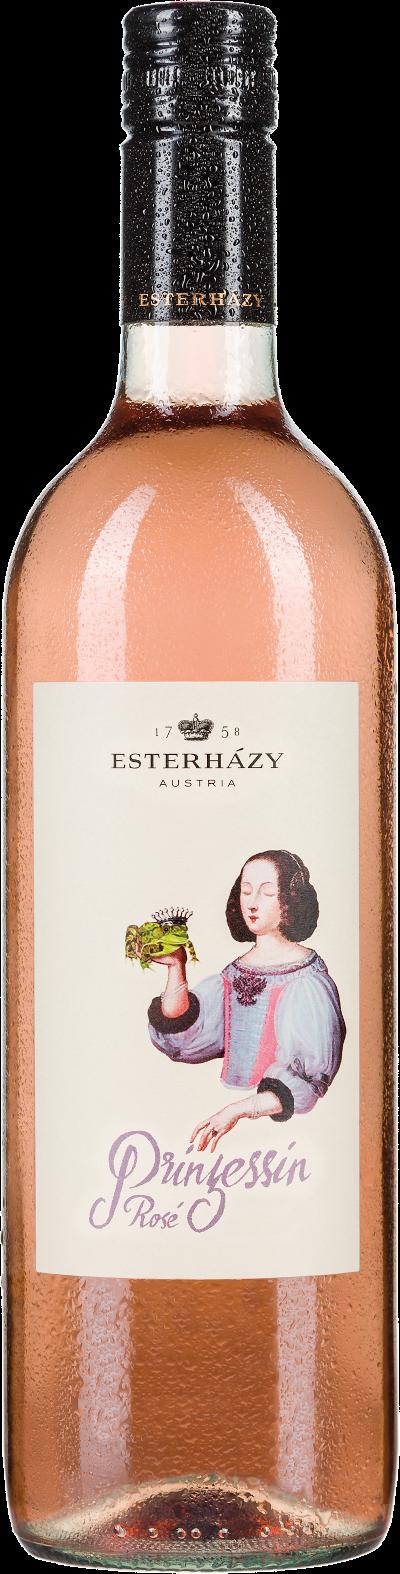 Esterházy - Die Prinzessin Rosé